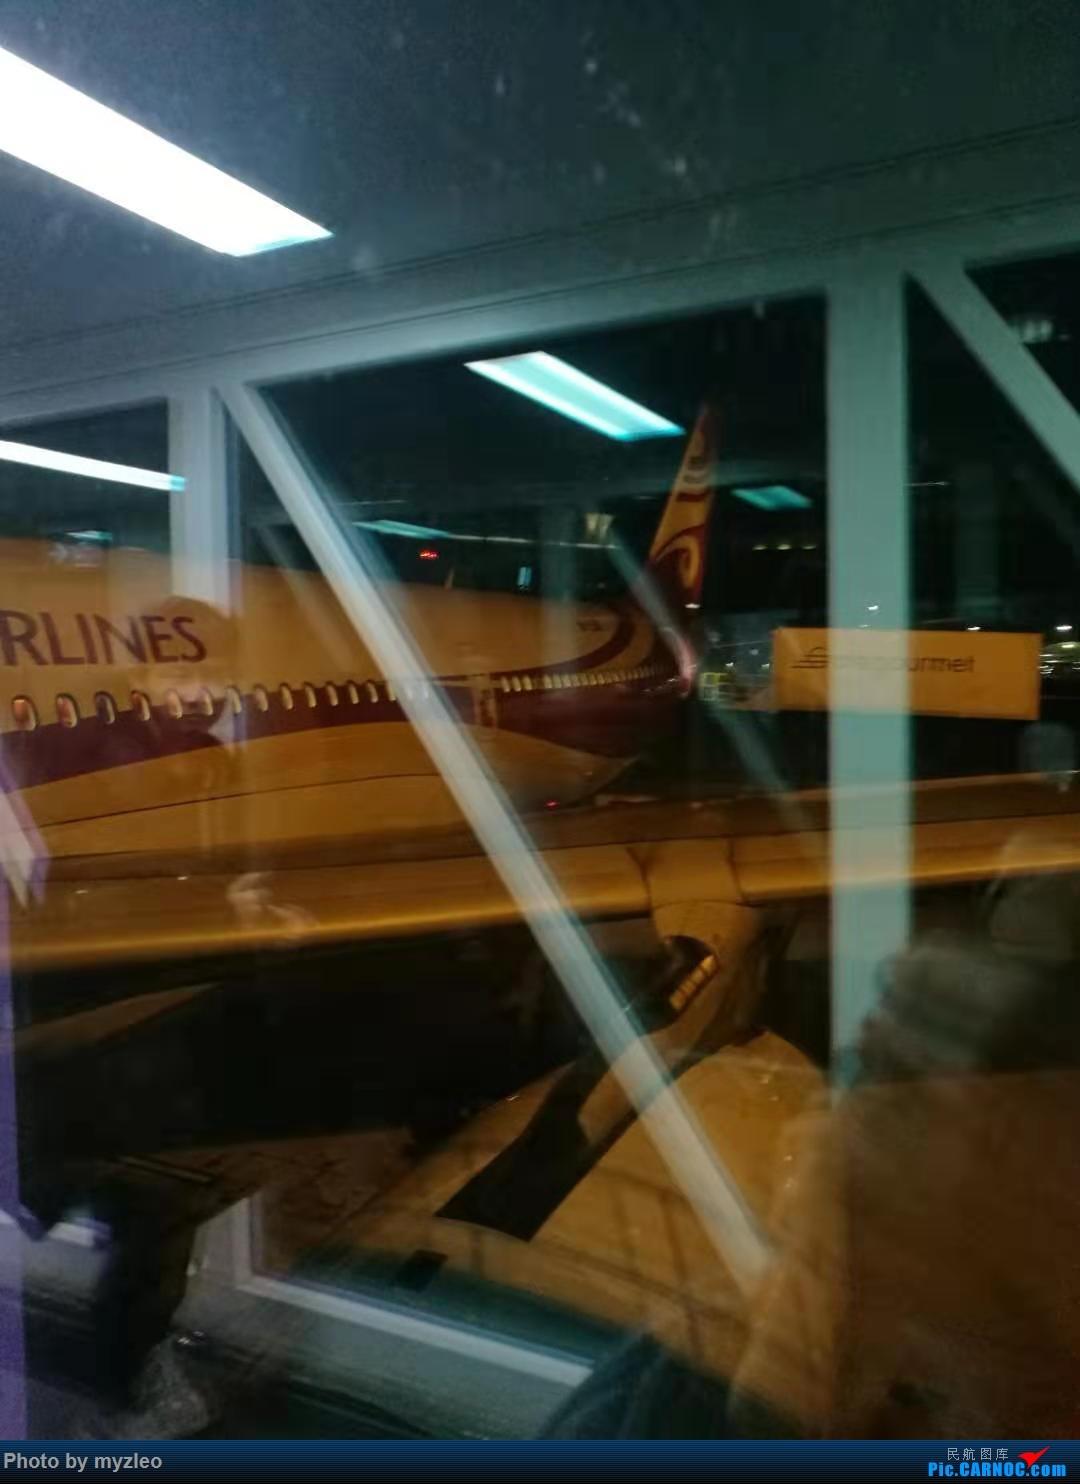 Re:[原创]【myzleo的游记4.1】十年之约(1)不完整的去程——HX239,HNA初体验,与心爱的359失之交臂;港岛+九龙 AIRBUS A330-300 B-LNT 中国香港国际机场